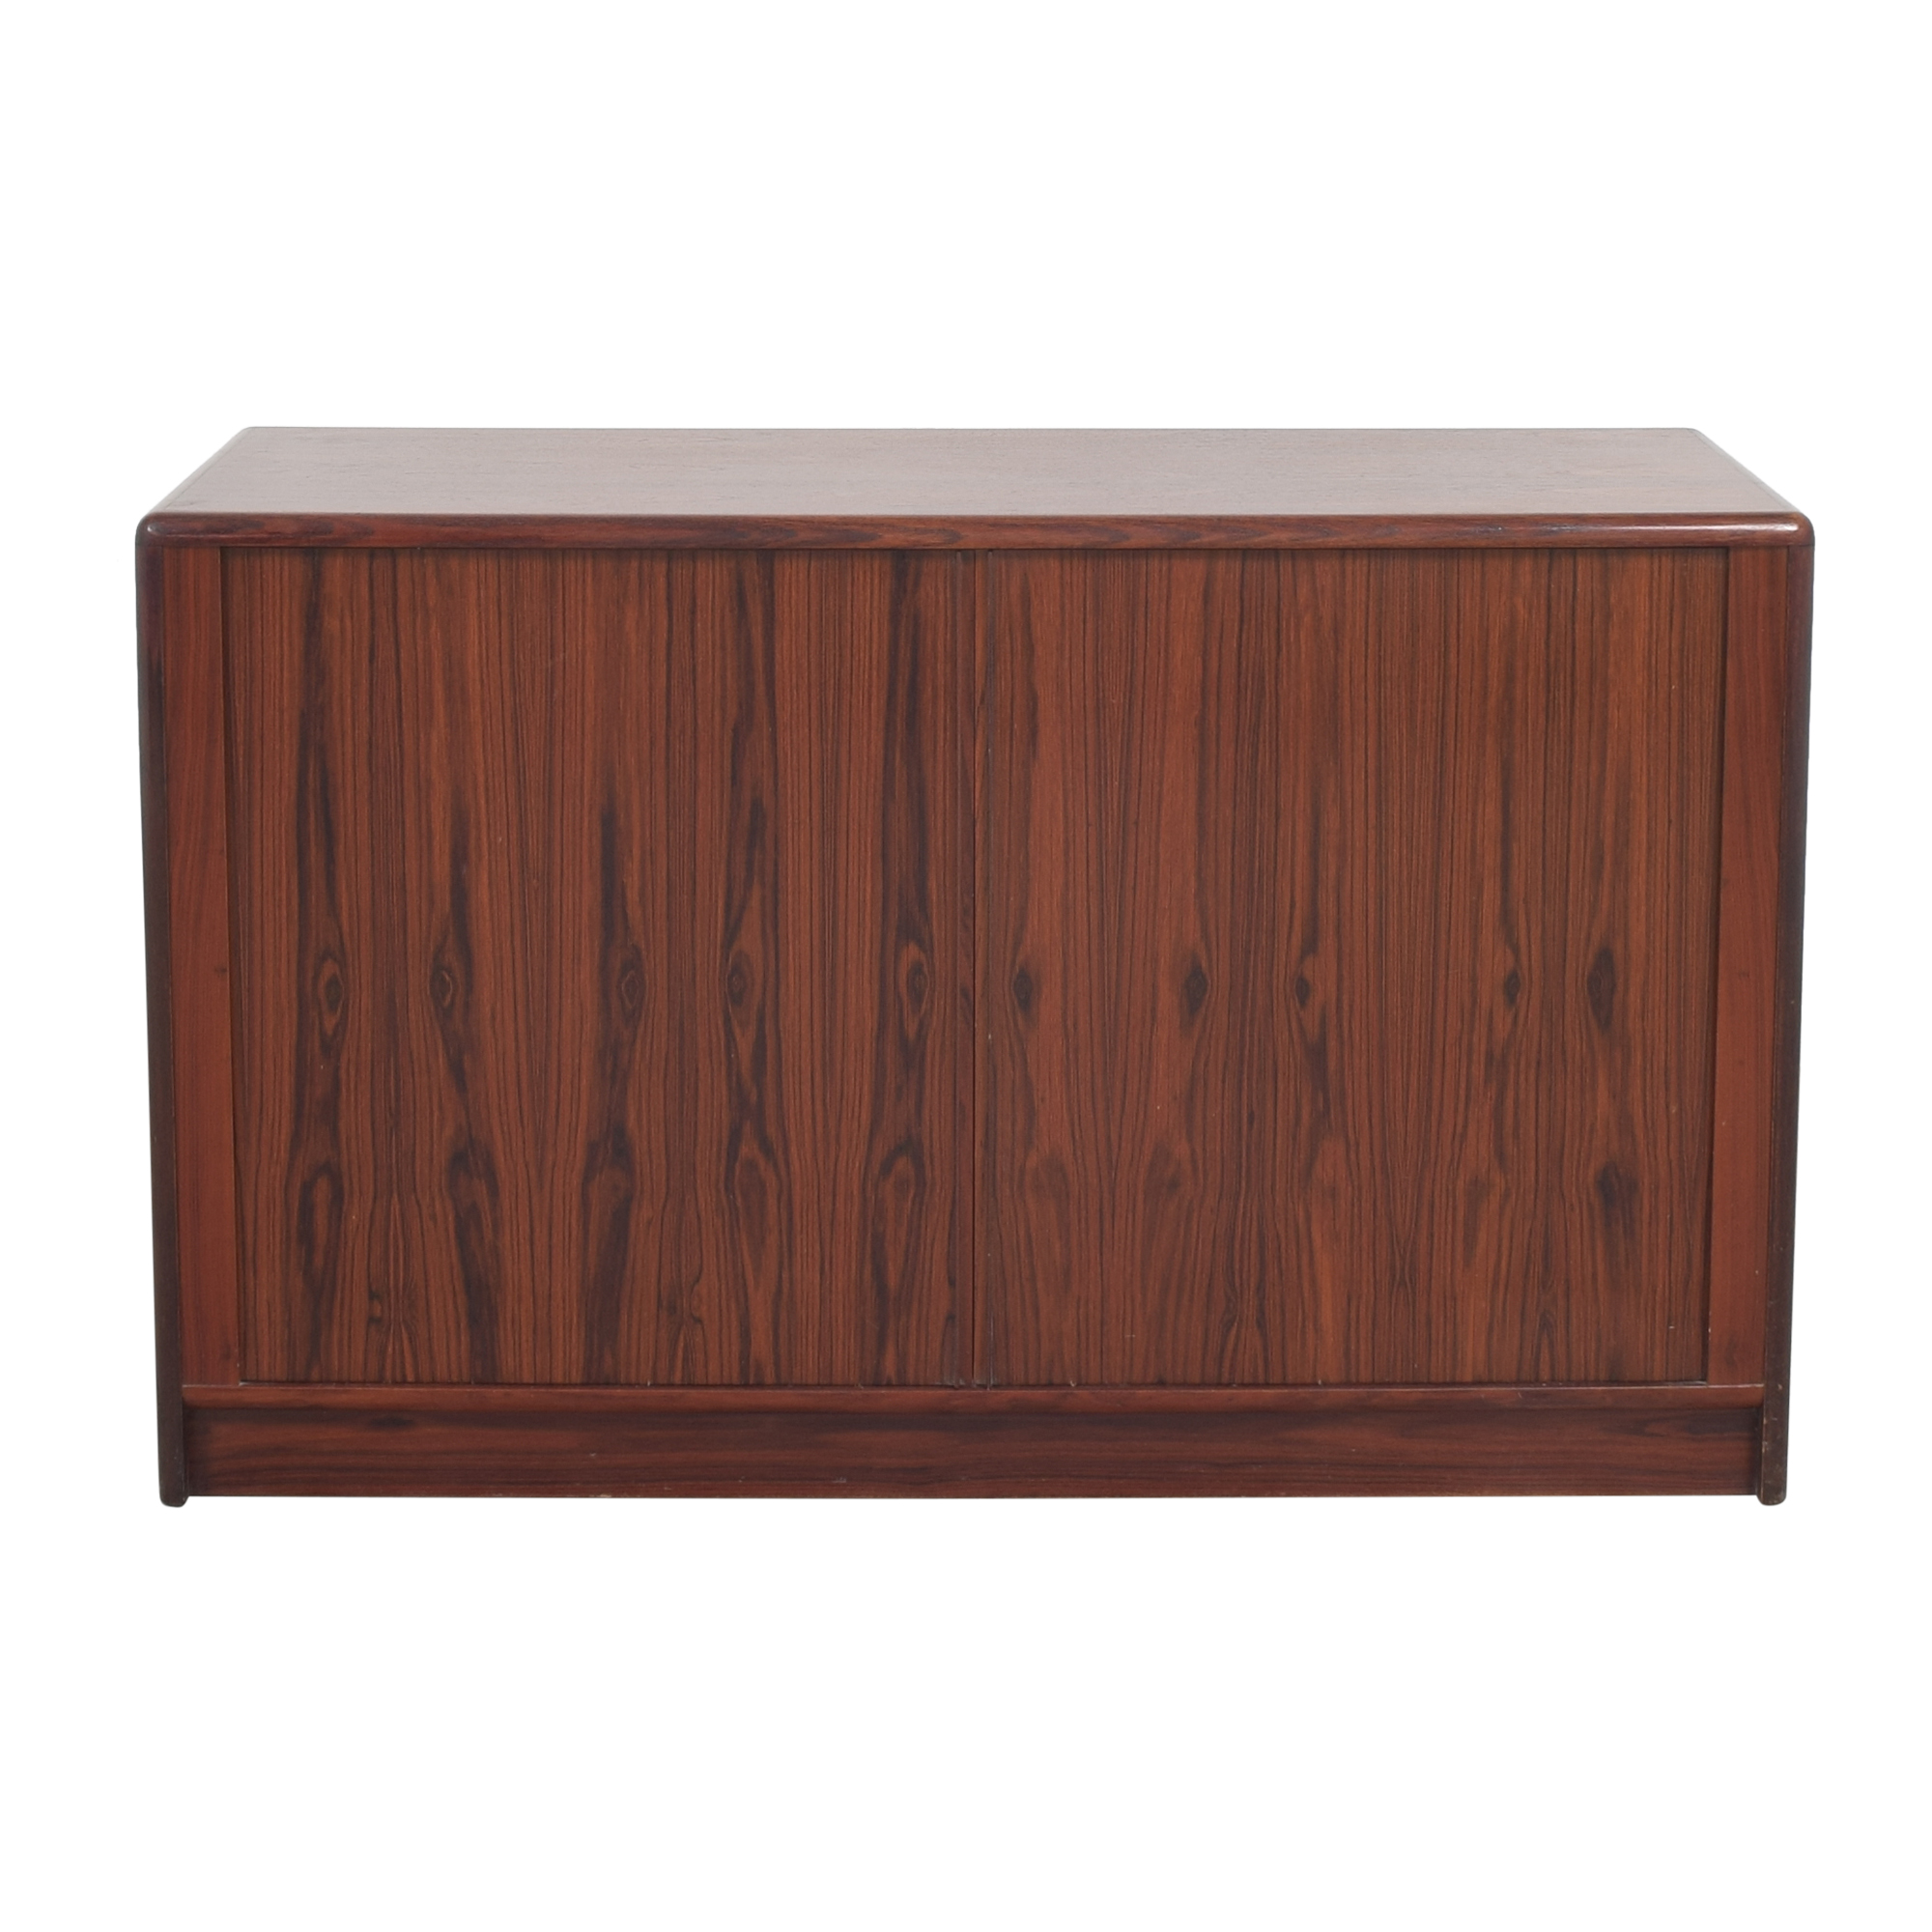 shop Nordisk Andels-Eksport Pocket Door Buffet Nordisk Andels-Eksport Cabinets & Sideboards